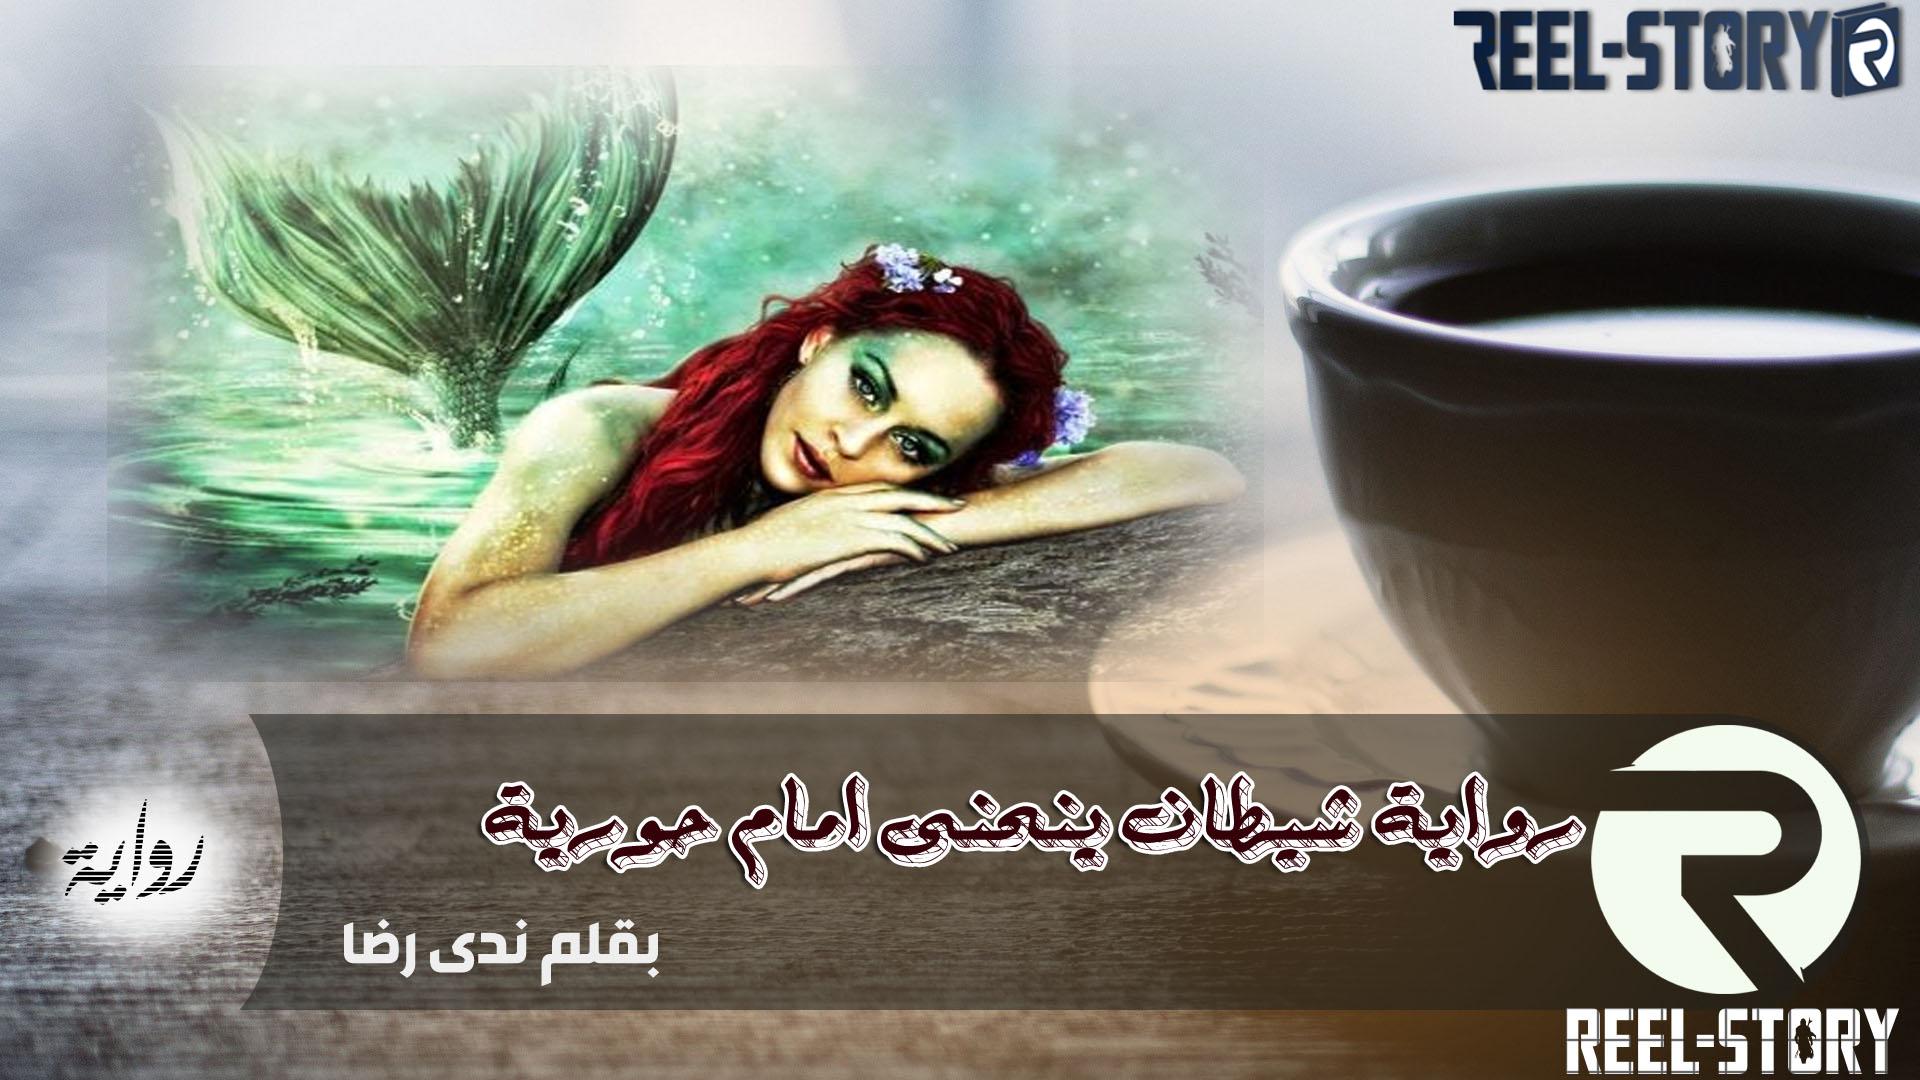 رواية شيطان ينحنى امام حوريه  بقلم ندي رضا